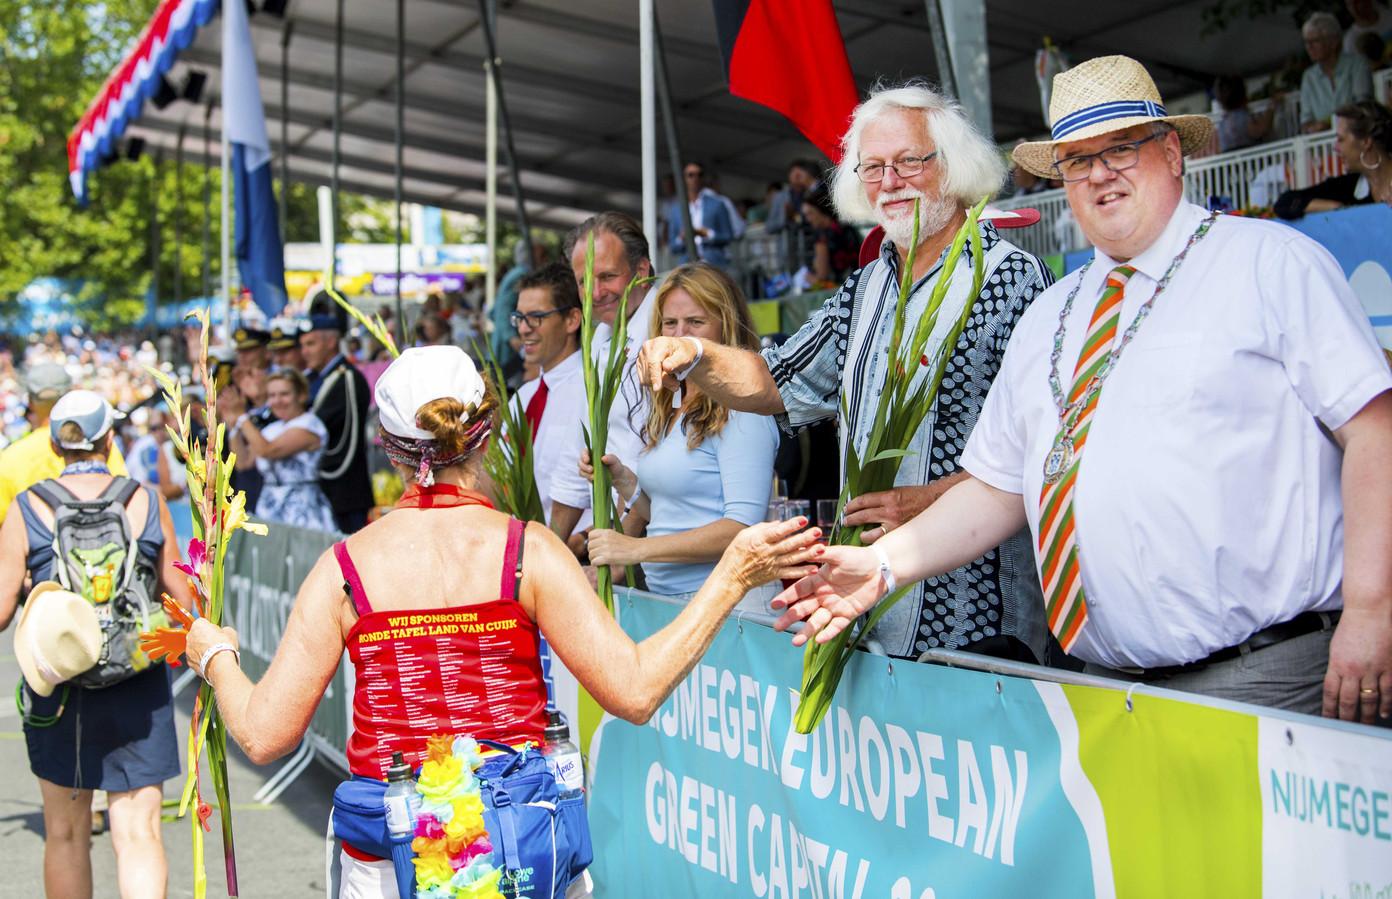 Burgemeester Bruls op de Via Gladiola tijdens de laatste dag van de 102e editie van de Nijmeegse Vierdaagse.